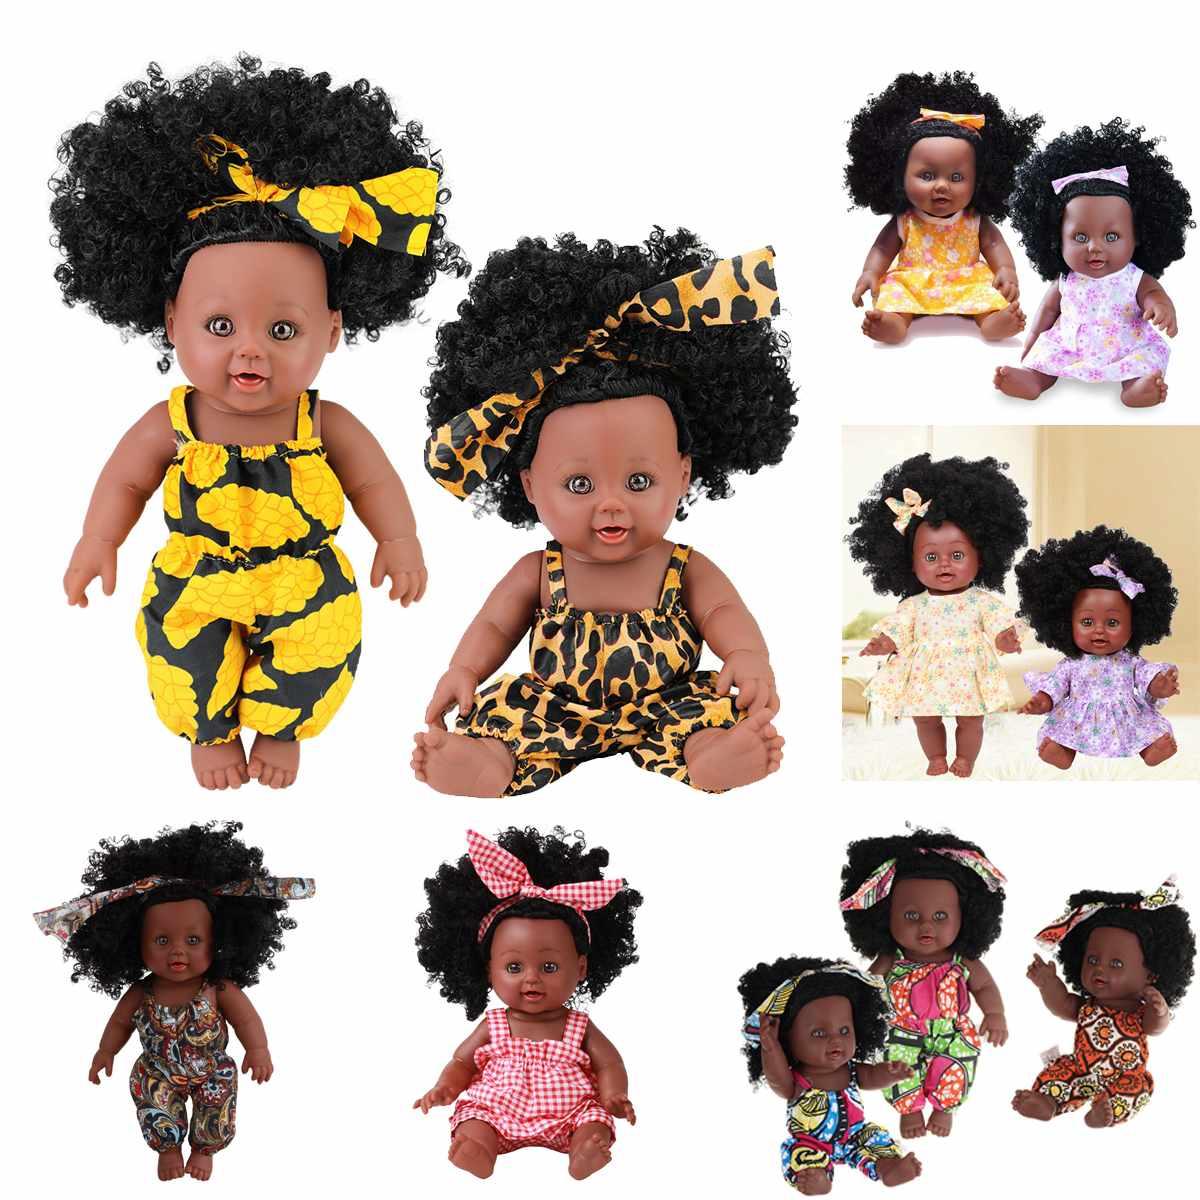 Американская черная кукла реборн ручной работы, силиконовая виниловая Мягкая Реалистичная кукла для новорожденных, игрушка для девочек, рождественский подарок